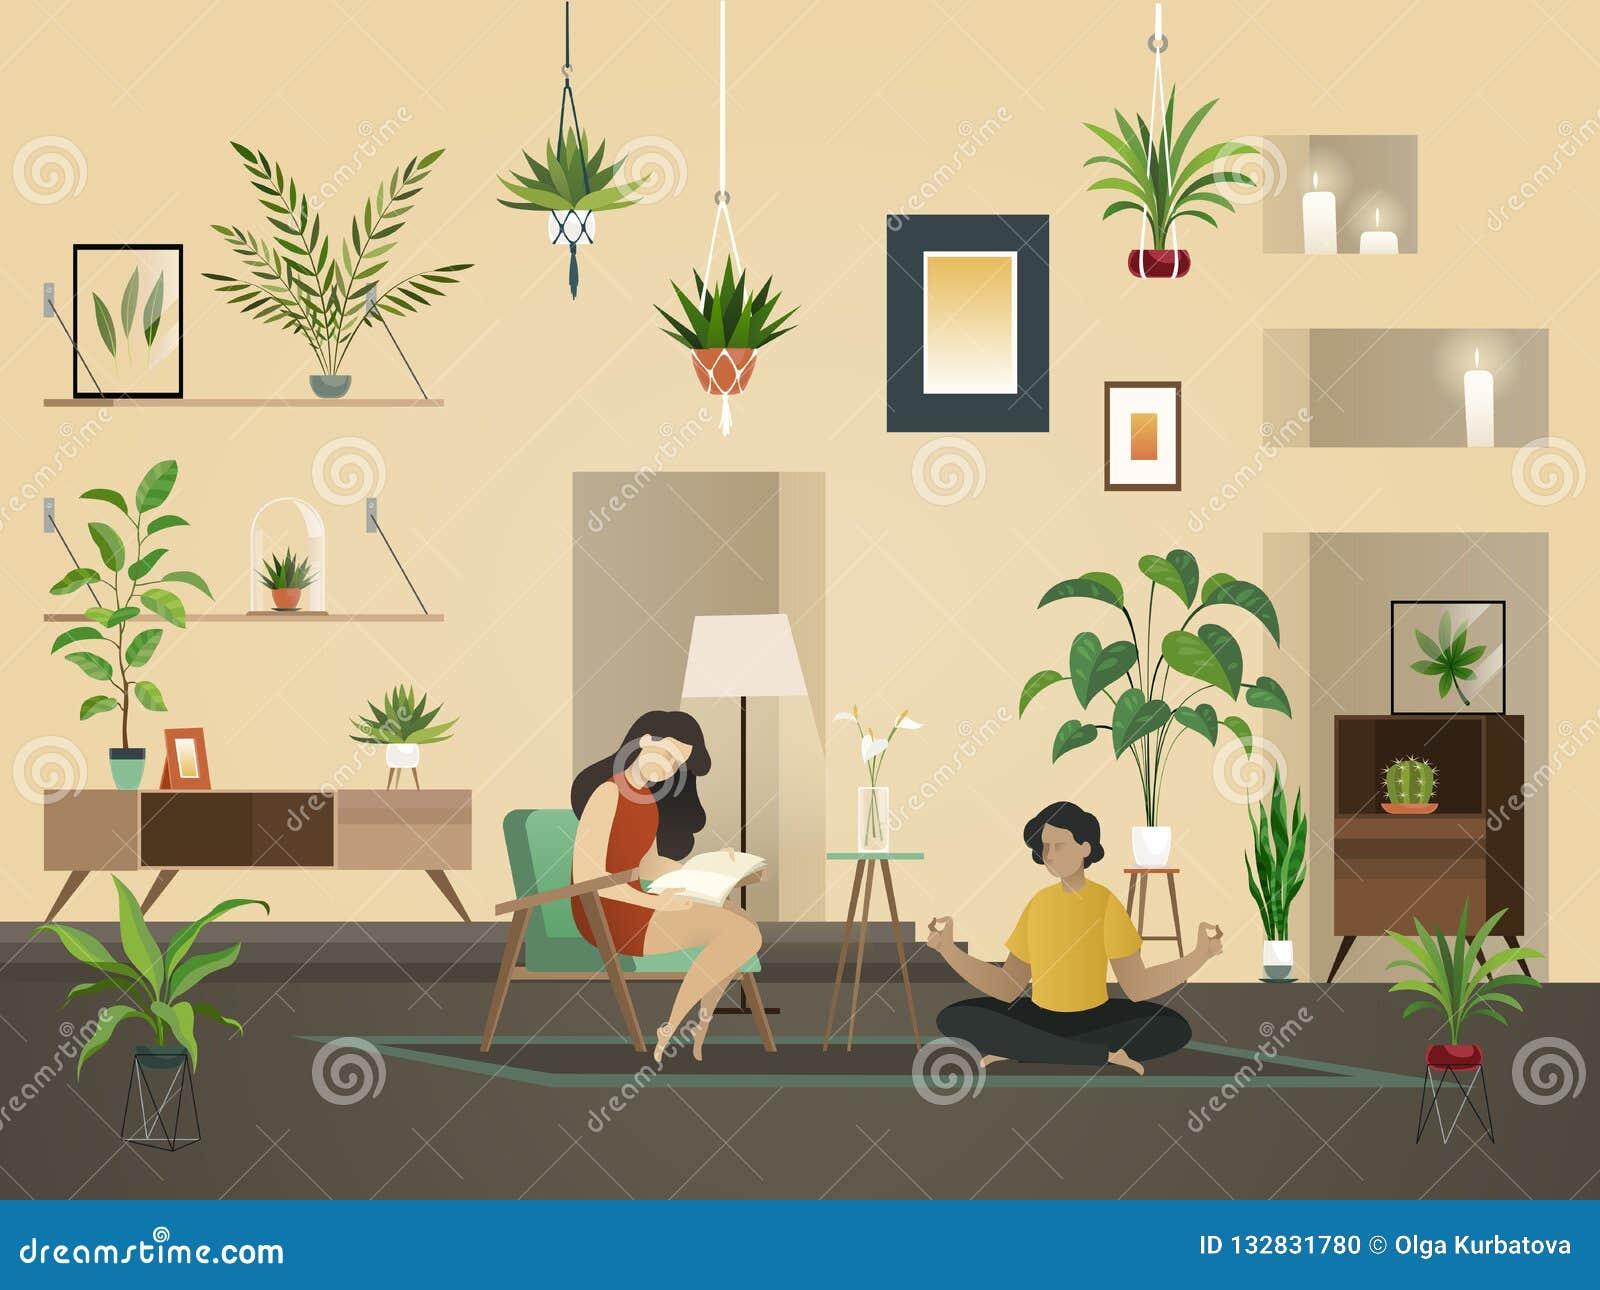 Φυτεύει στο σπίτι εσωτερικό Αστικός κήπος με την πράσινη φύτευση και άνθρωποι στην εσωτερική διανυσματική απεικόνιση δωματίων